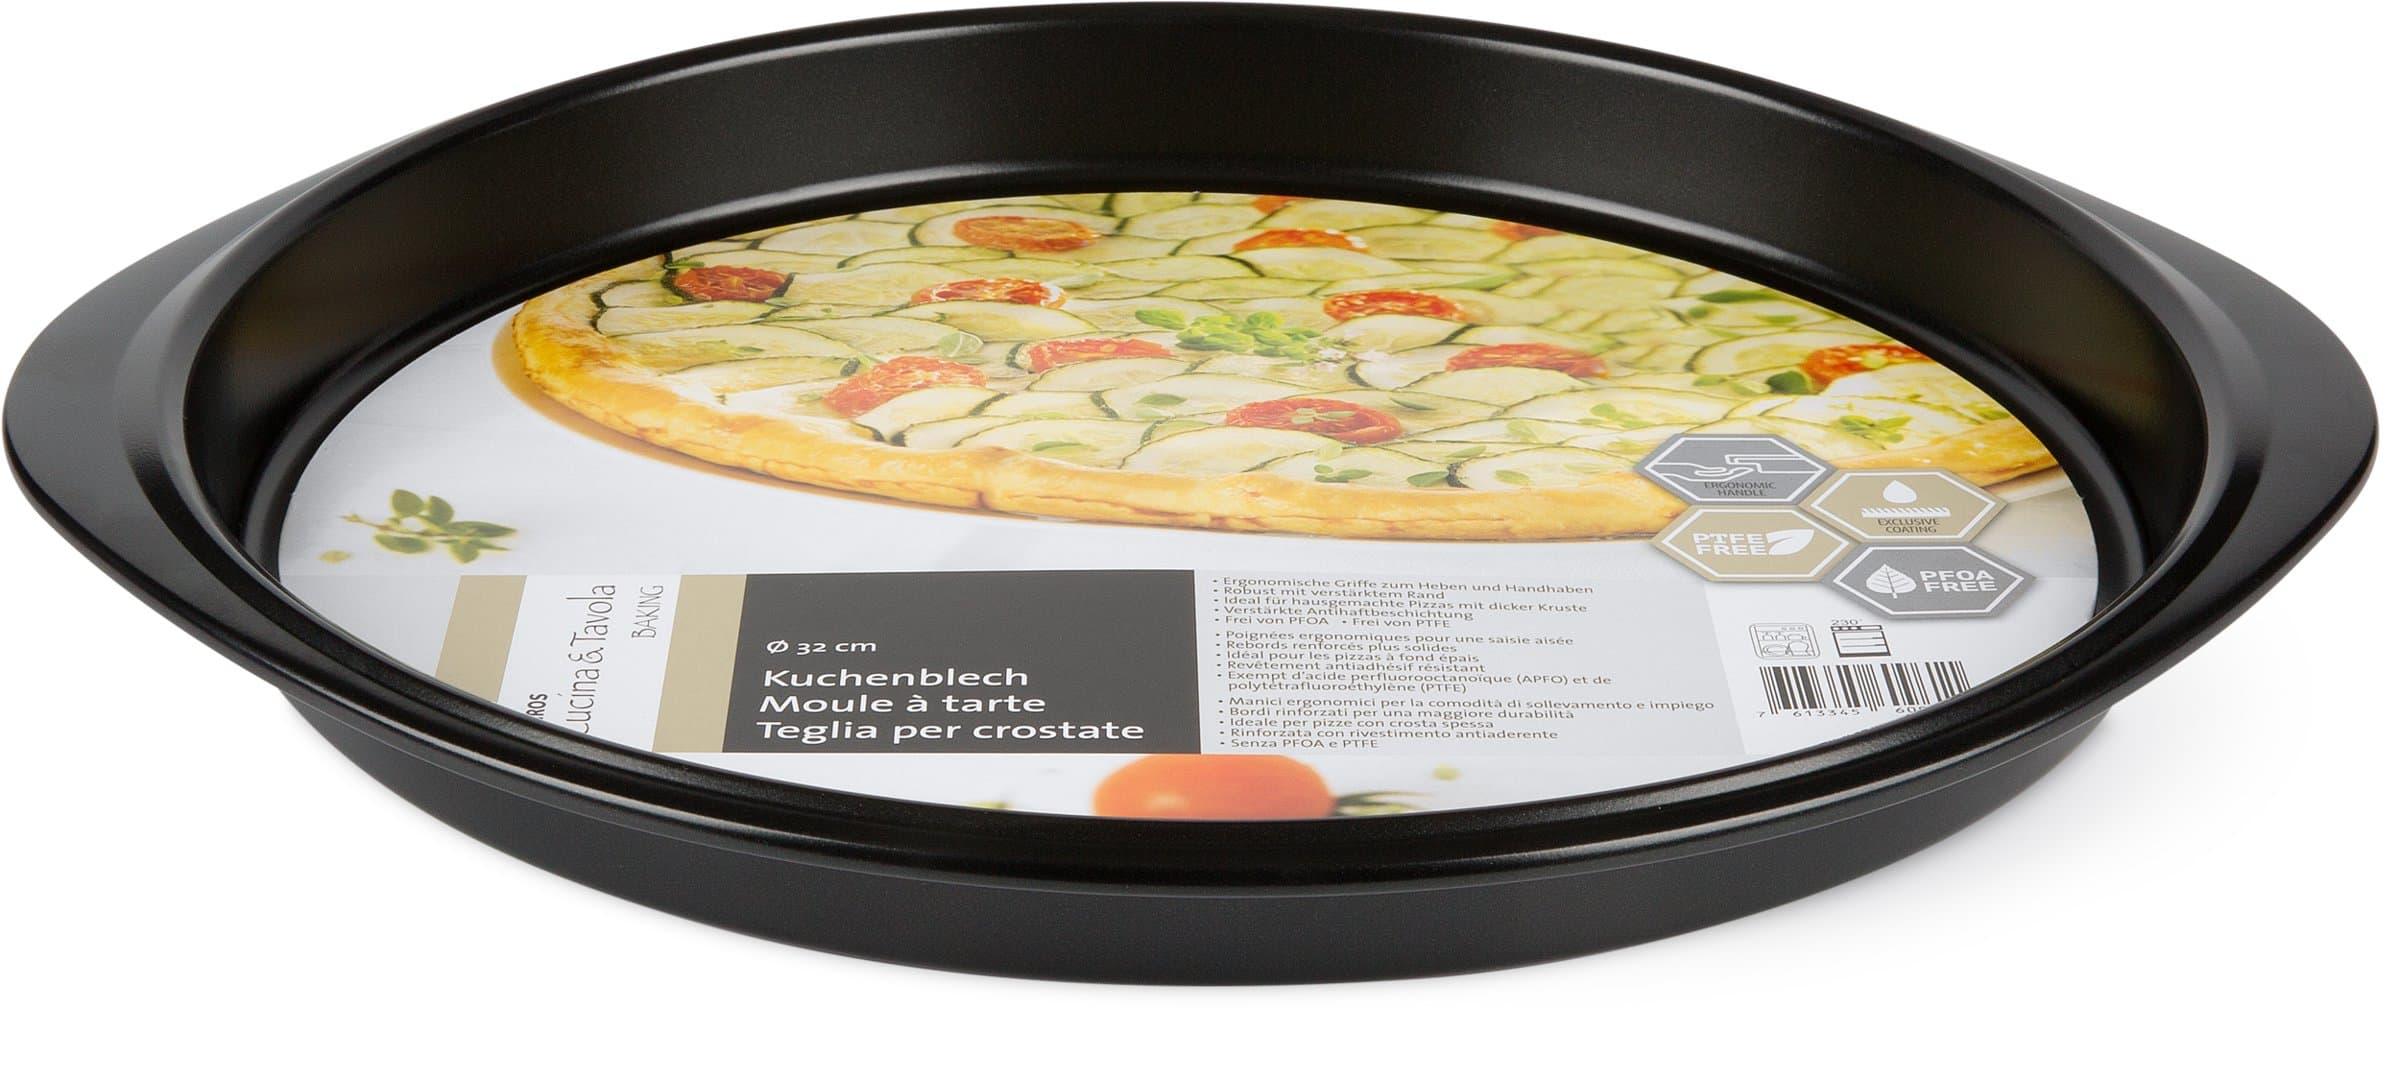 Cucina & Tavola Moule à tarte 32cm